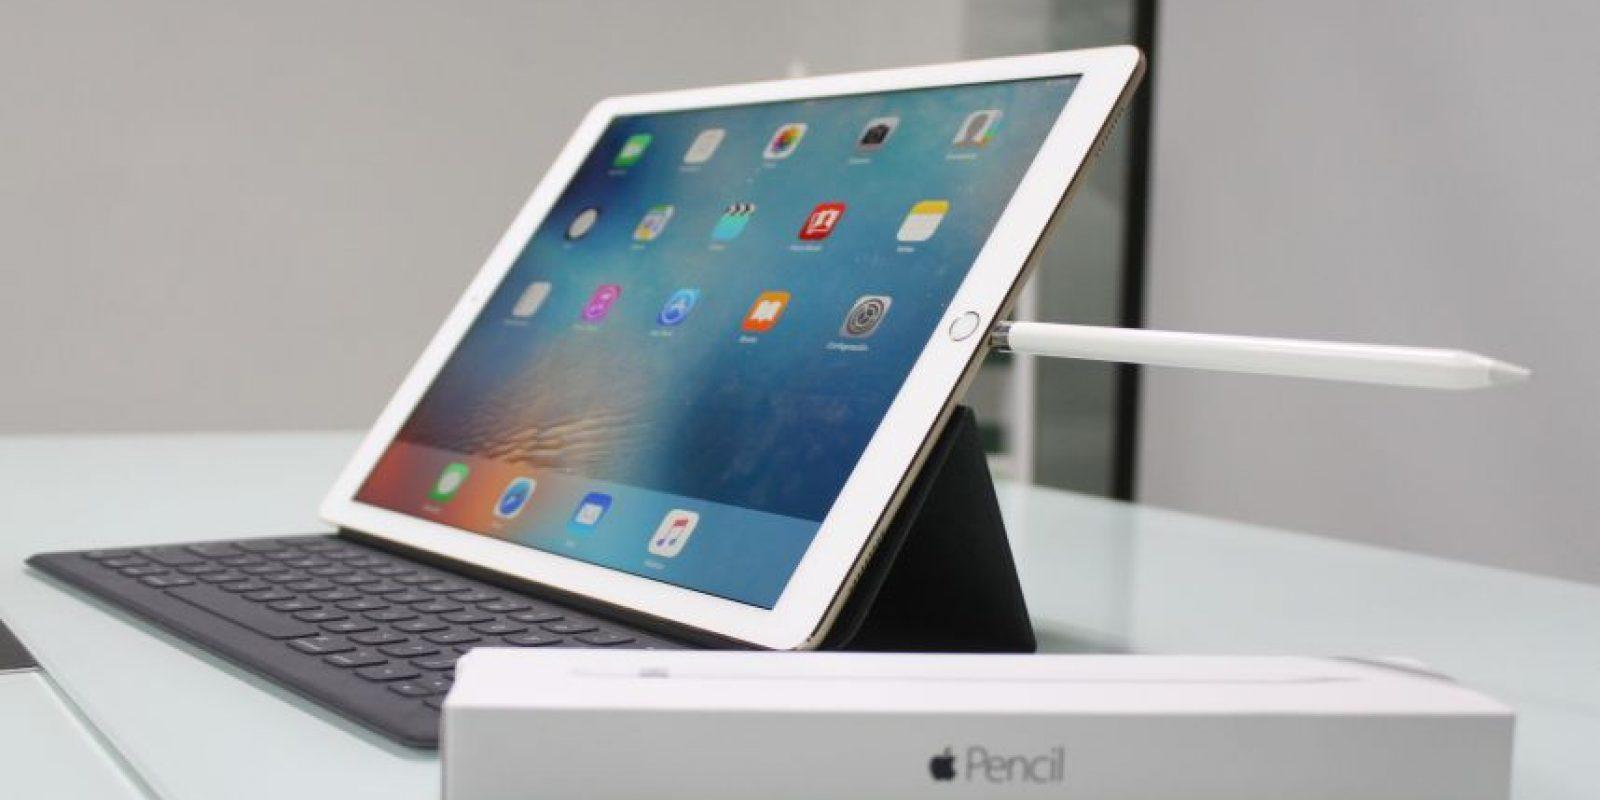 Precio. La realidad es que no es nada económico adquirir un iPad Pro por lo que antes de hacerlo, deben pensar si realmente la quieren para explotar el máximo de sus capacidades; de lo contrario, existen otros modelos de iPad que seguramente se adaptan a sus necesidades. Los precios inician en los 799 dólares (23GB con Wi-Fi), 949 dólares (128GB con Wi-Fi) y mil 79 dólares (128GB con Wi-Fi + Cellular). Accesorios se venden por separado. Foto:Fuente externa